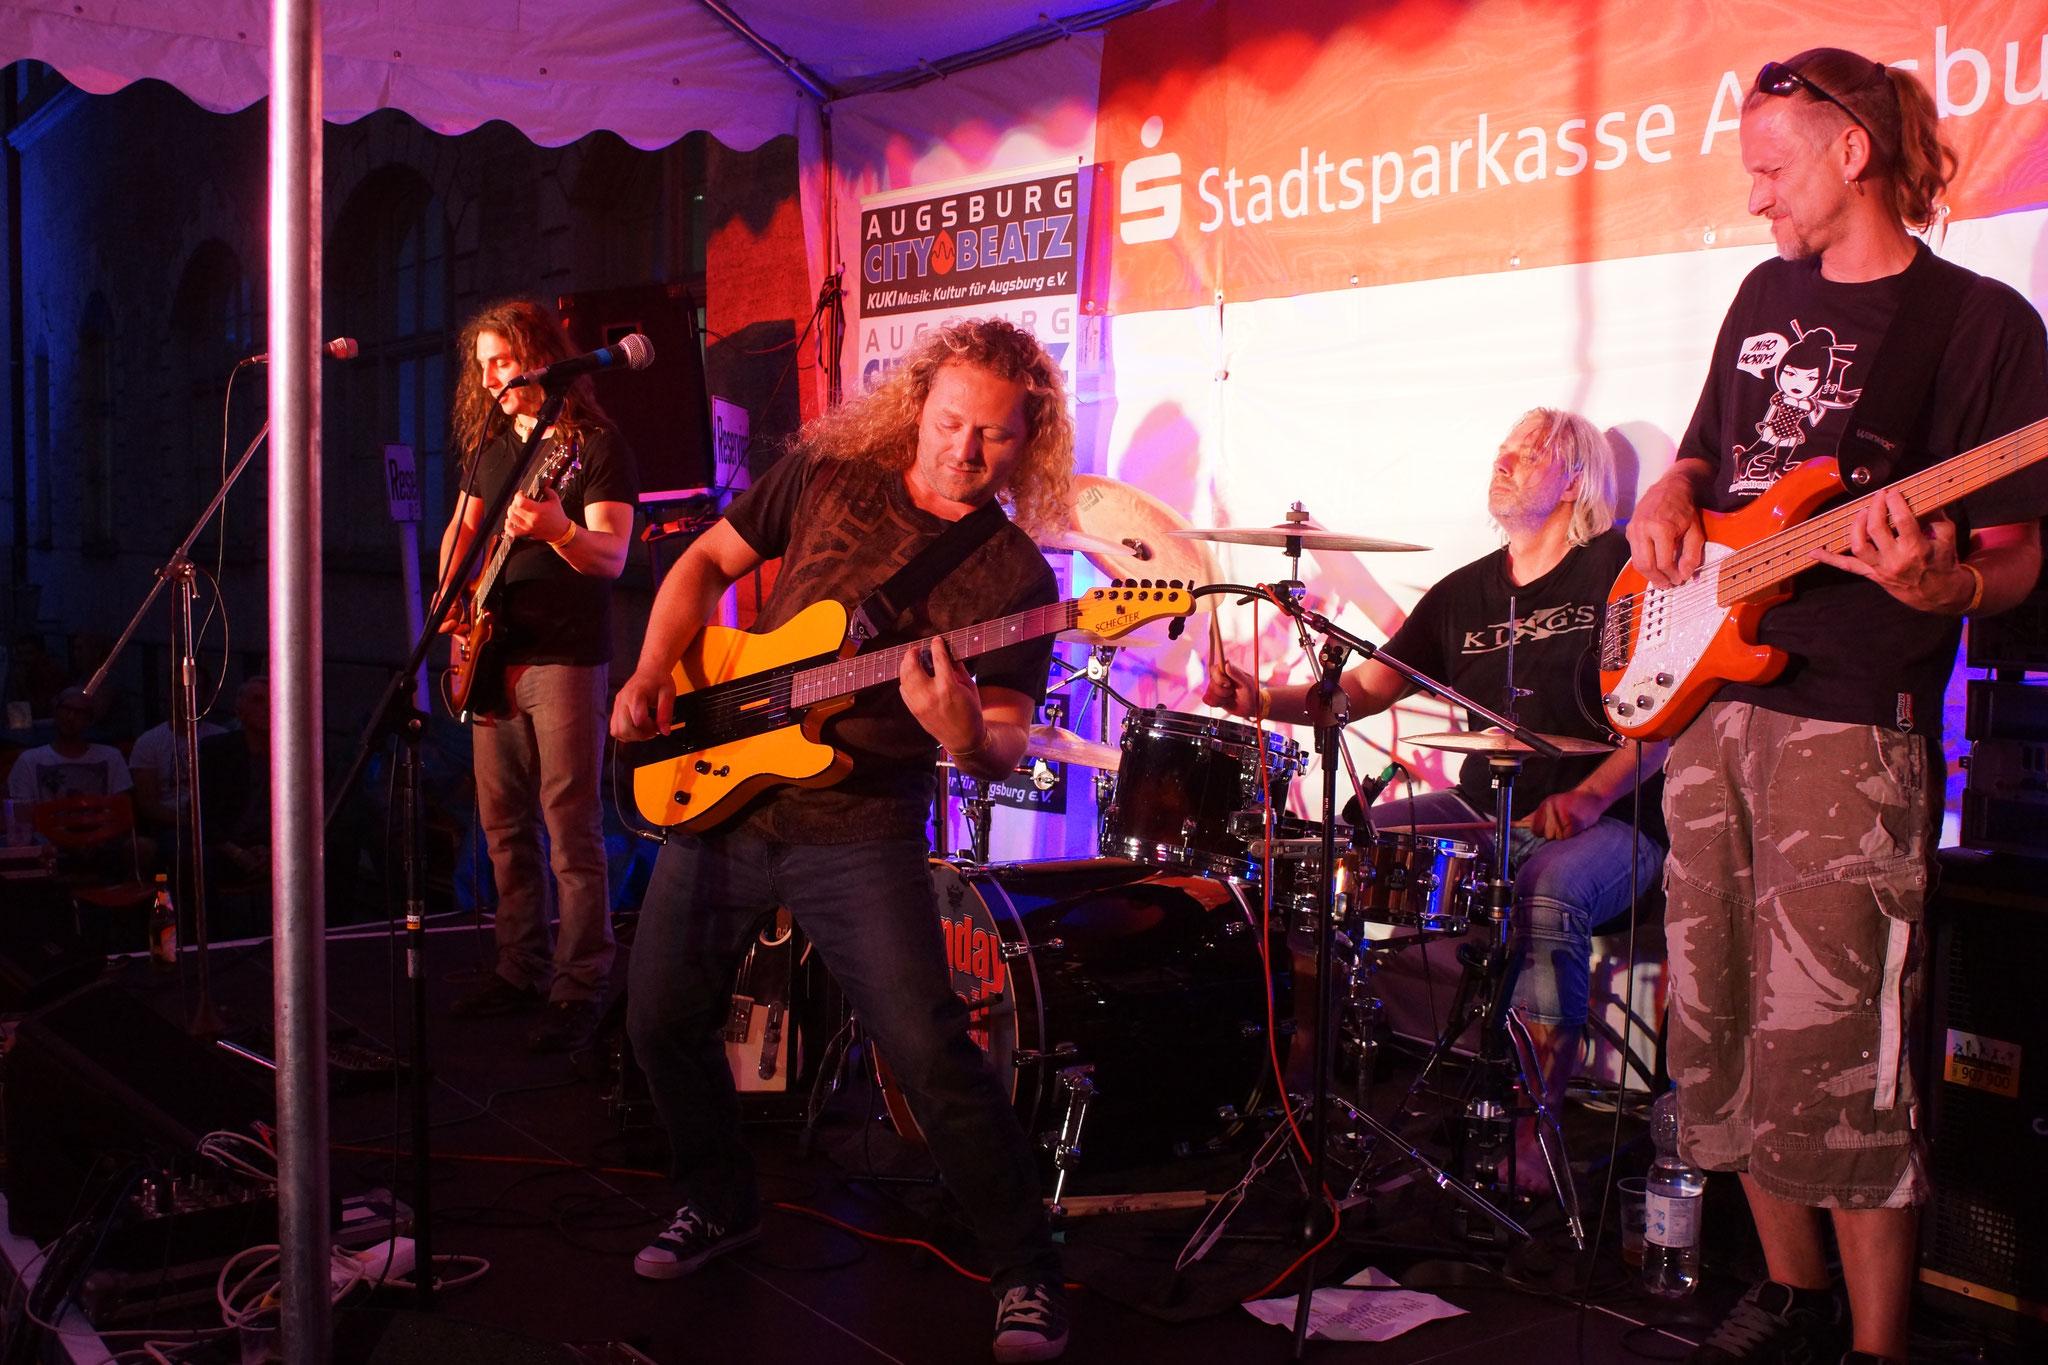 Konzerte im Bürgerhof 08.07.17 Hush - Freiwilligen-Zentrum Augsburg - Foto: Crayfish